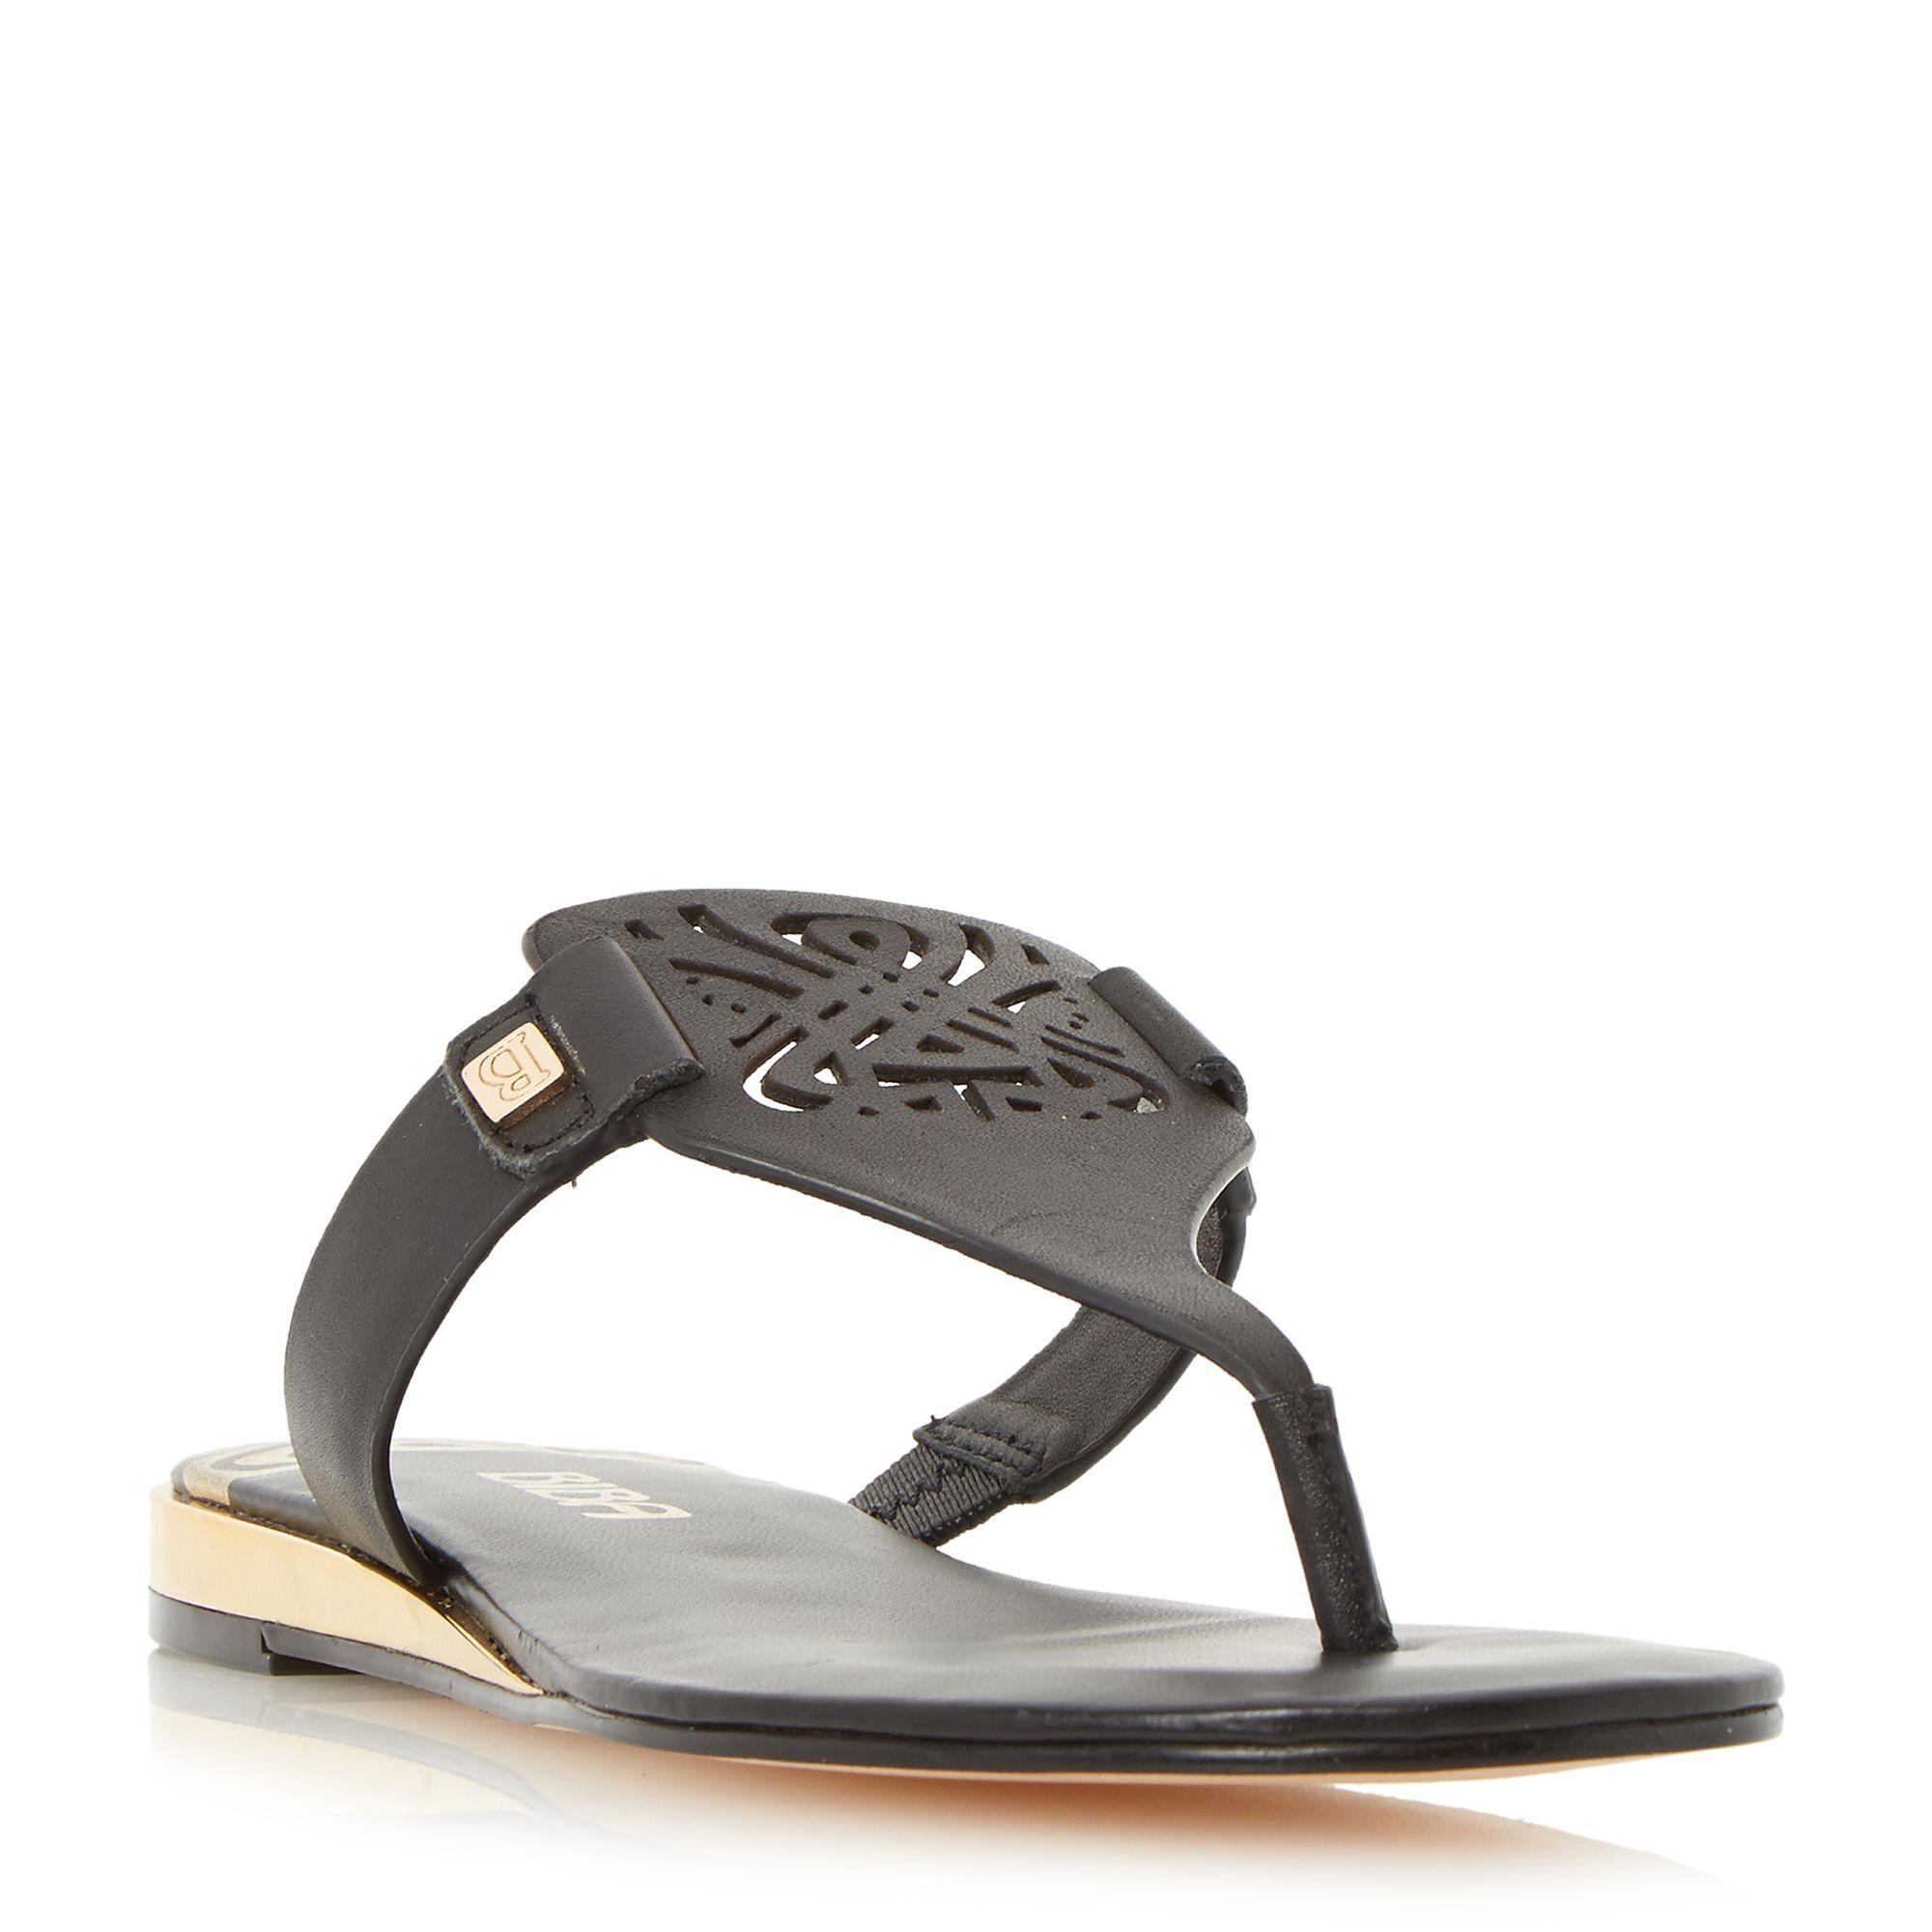 9c356fb416 Biba Louela toe post sandals, Black | Ladies Shoes | Sandals, Black ...